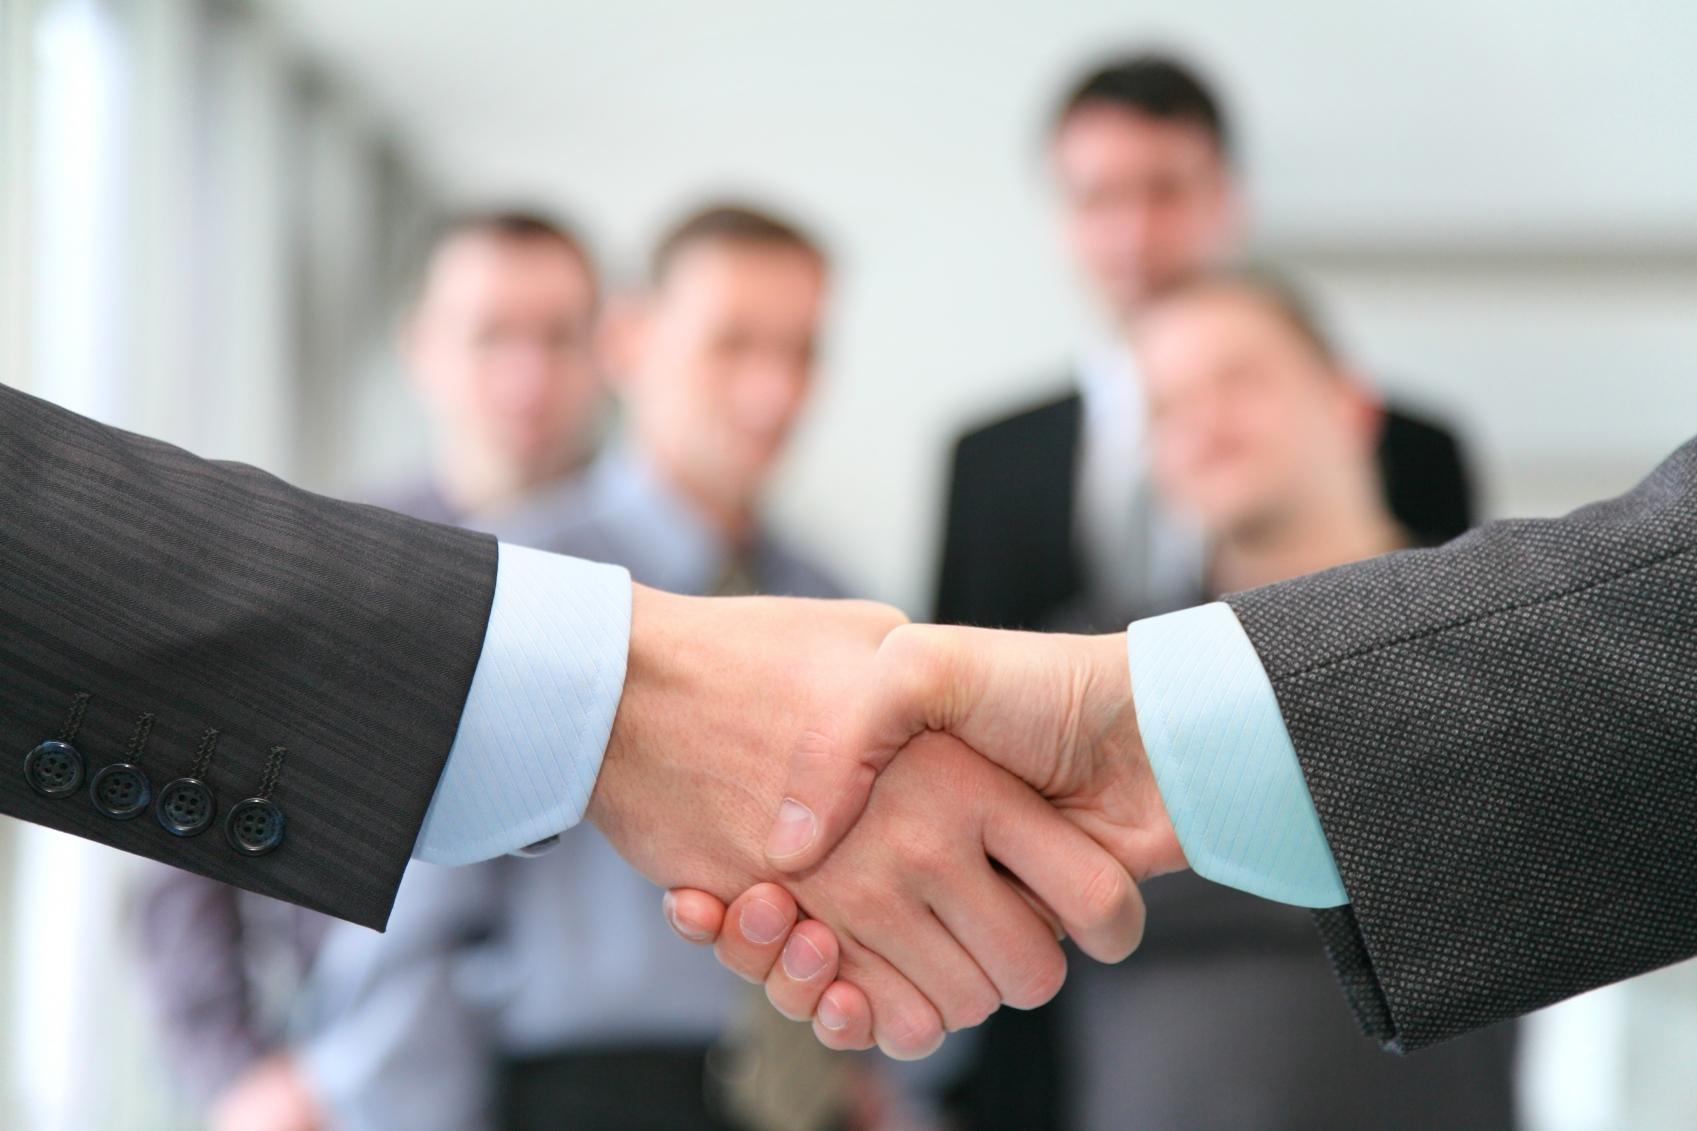 Bkpam2120314 Hand Shake